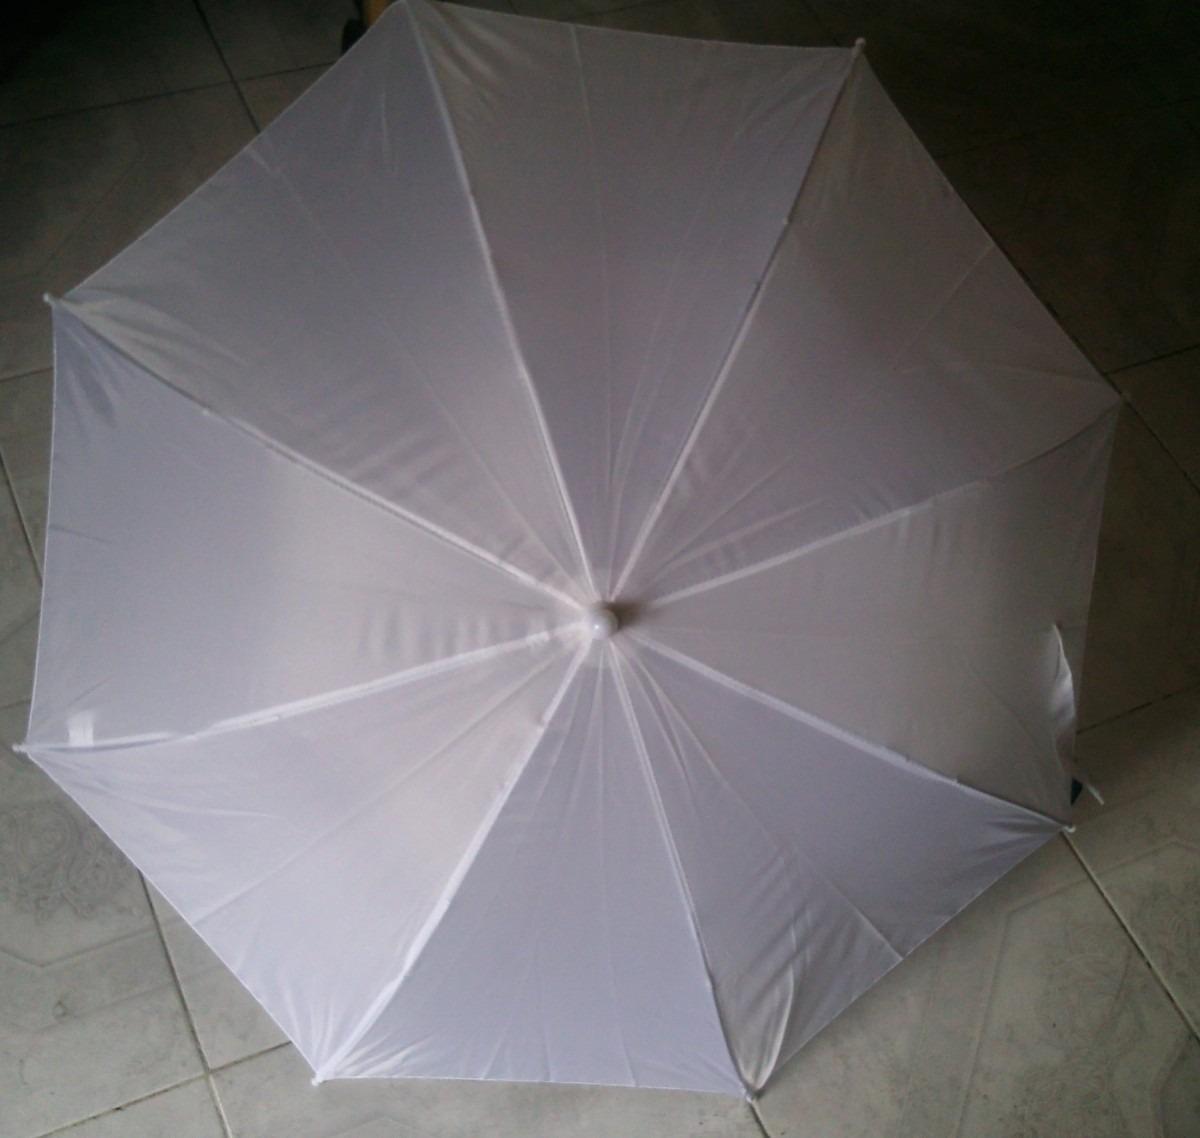 Paraguas sombrillas de tela infantil color blanco - Tela de paraguas ...